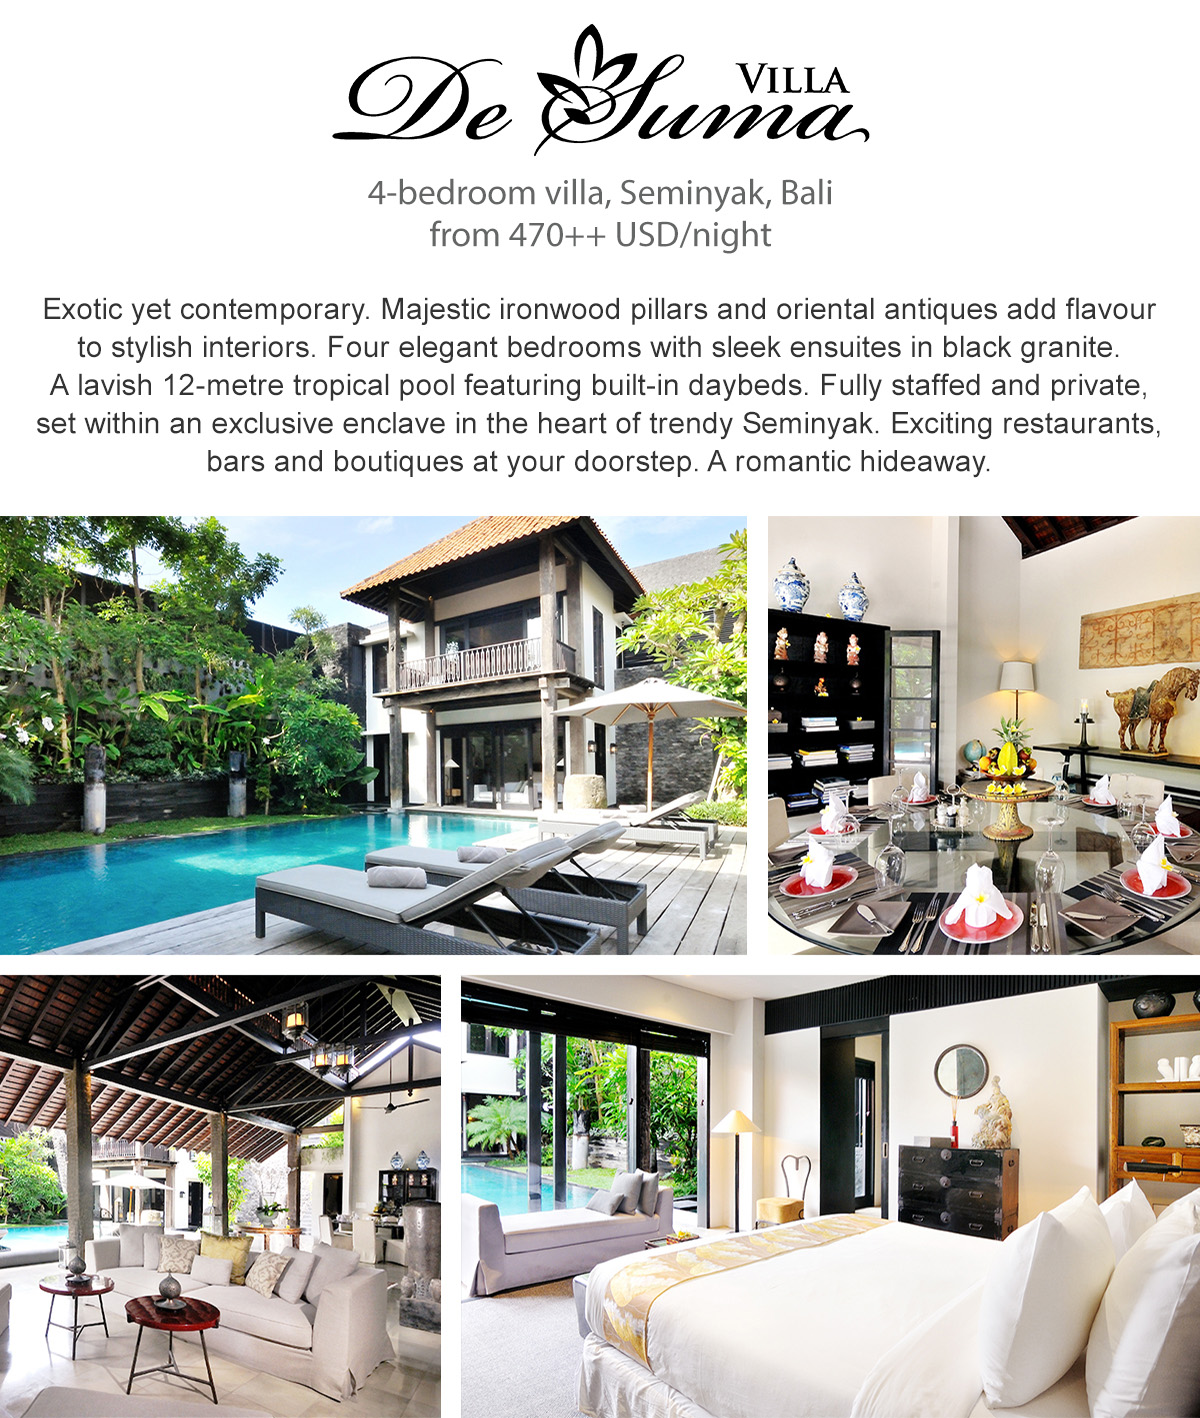 Villa De Suma - Seminyak, Bali